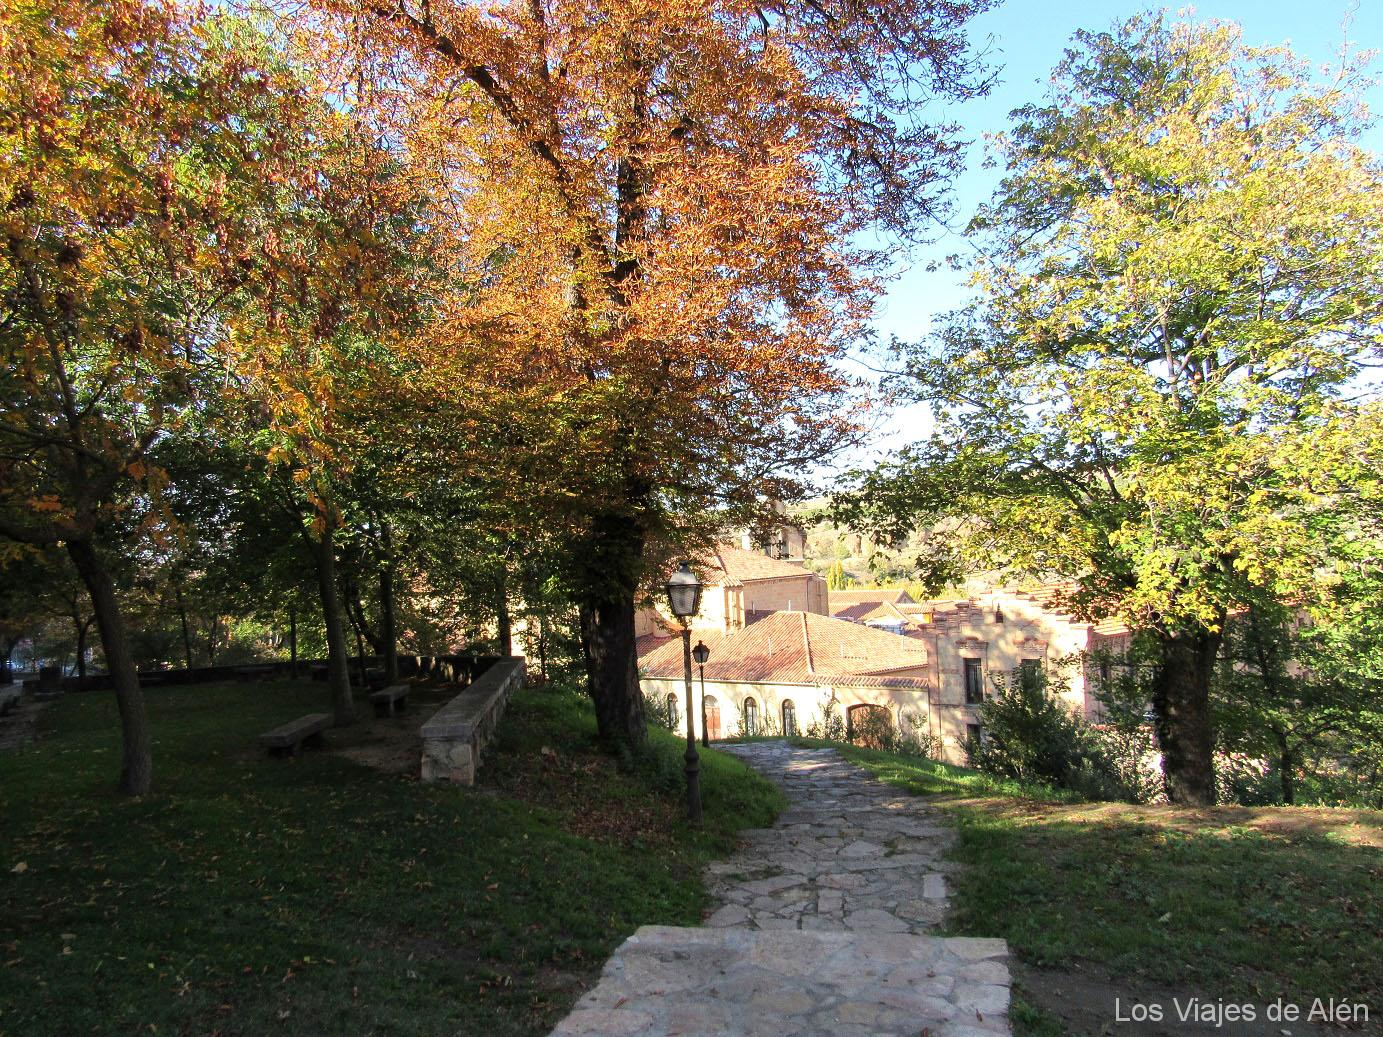 escaleras de piedra que bajan hacia el Monasterio de Santa Cruz la Real